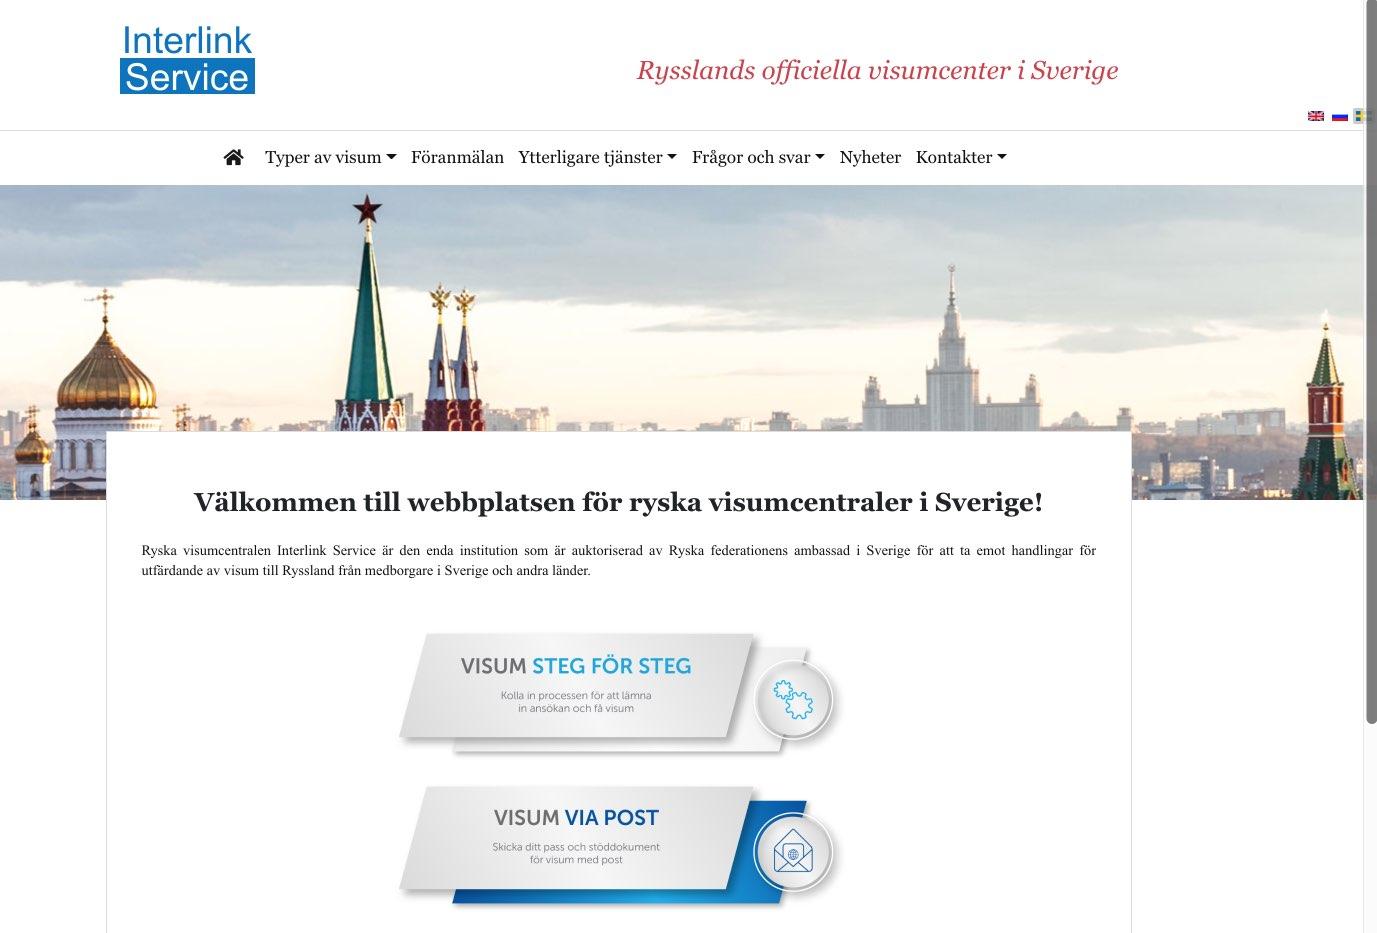 Visas centrum i Ryssland i Sverige